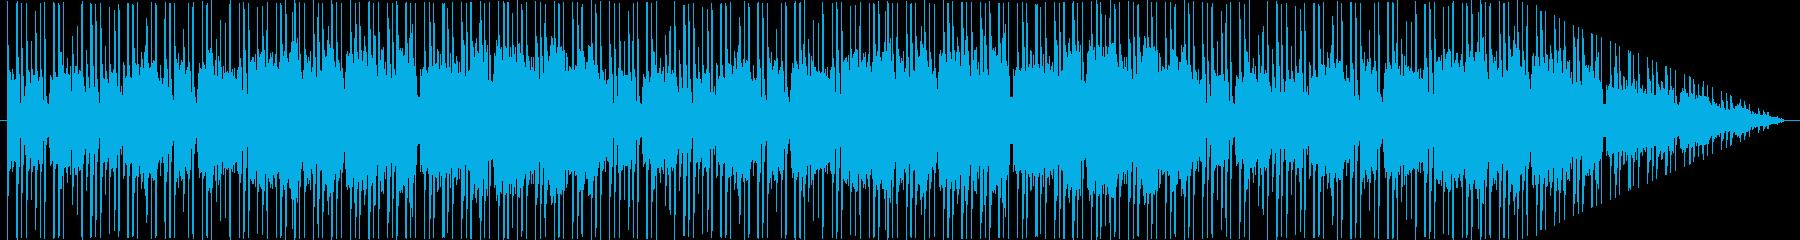 ソロピアノ。空気の歌として。の再生済みの波形